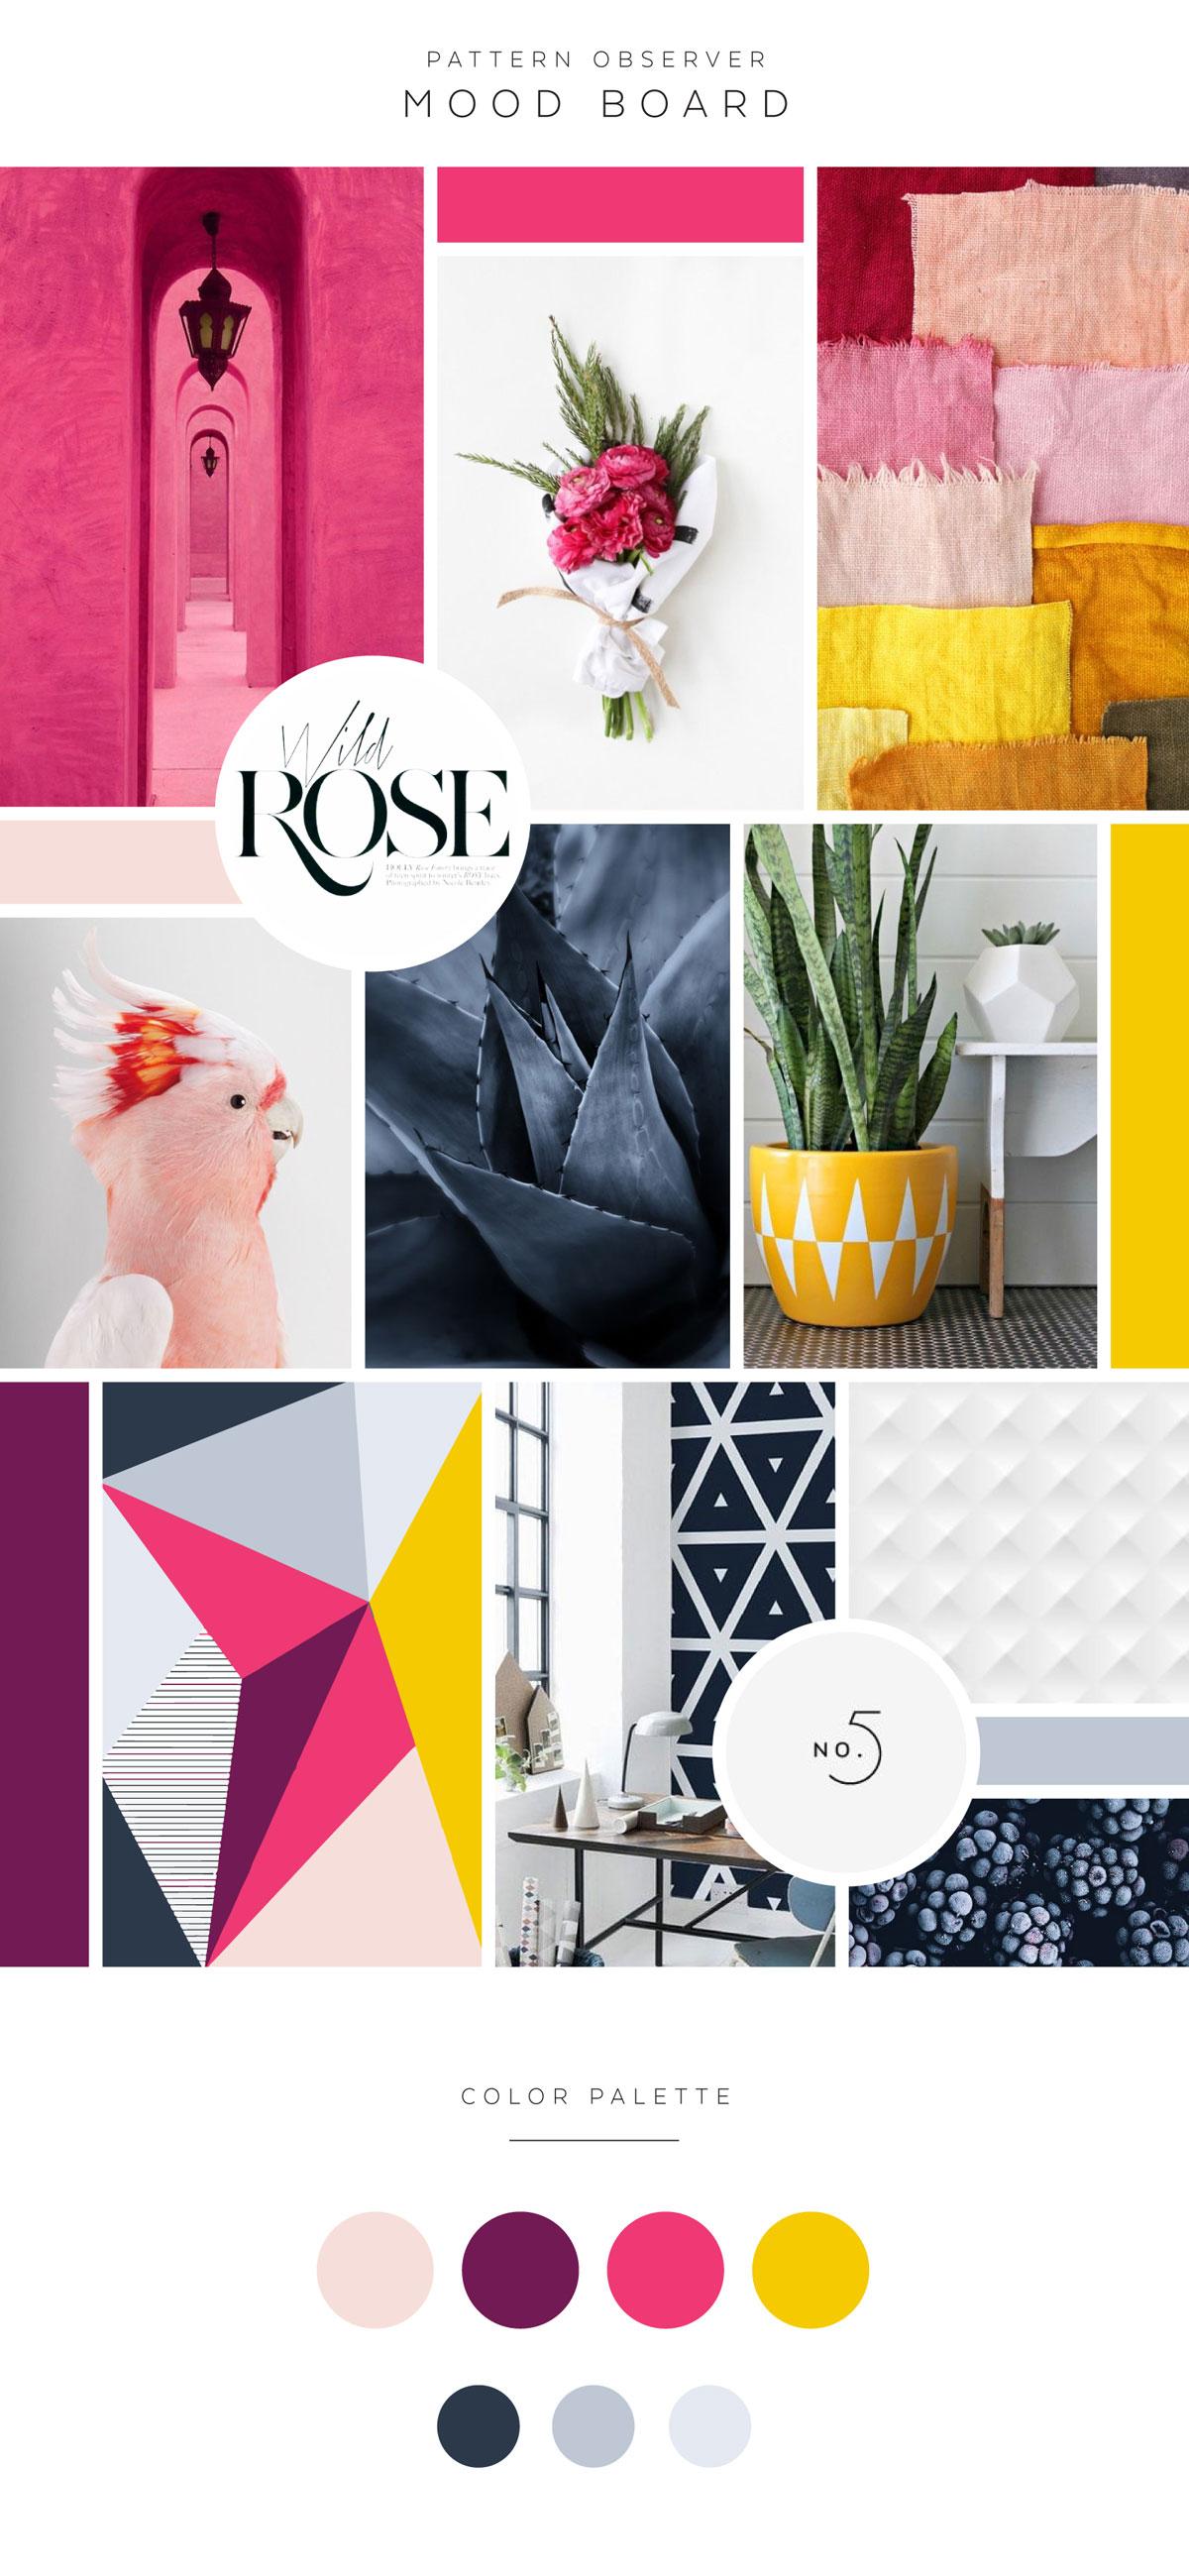 Mood Board for Pattern Observer Designer Feminine Modern Logo Design by Dapper Fox